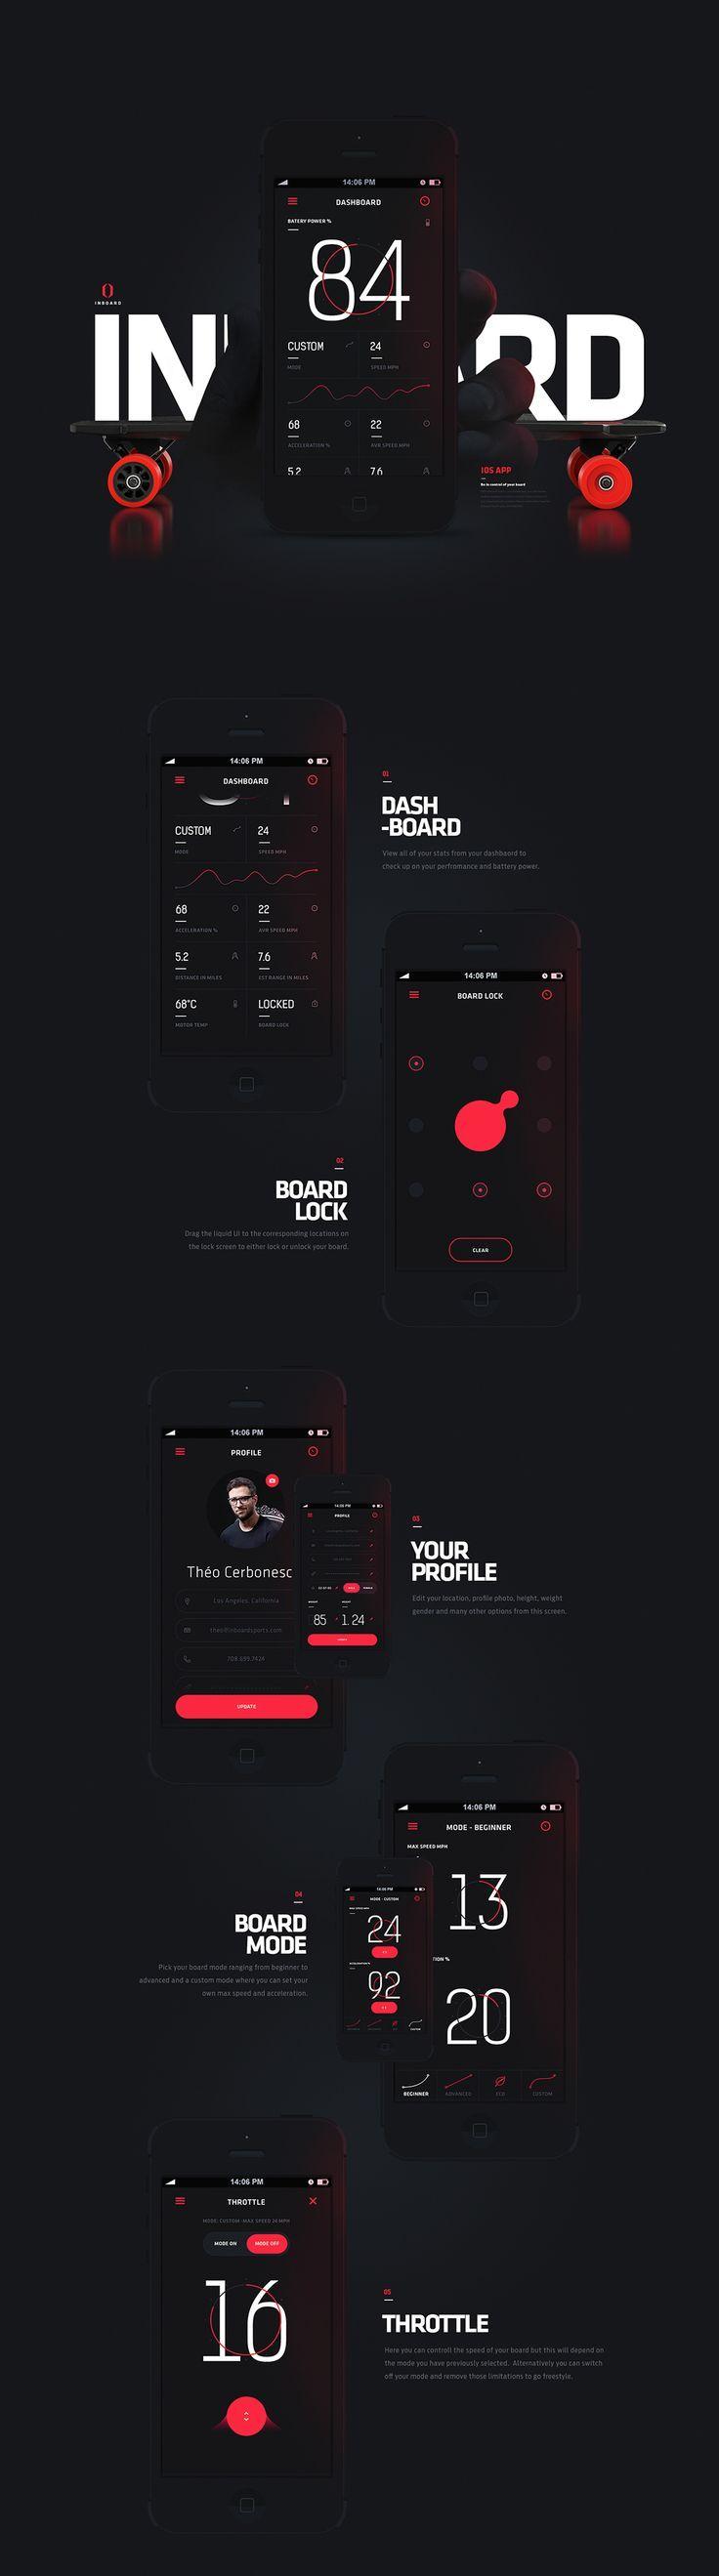 https://www.behance.net/gallery/28623841/Inboard-Longboard-App-Controller